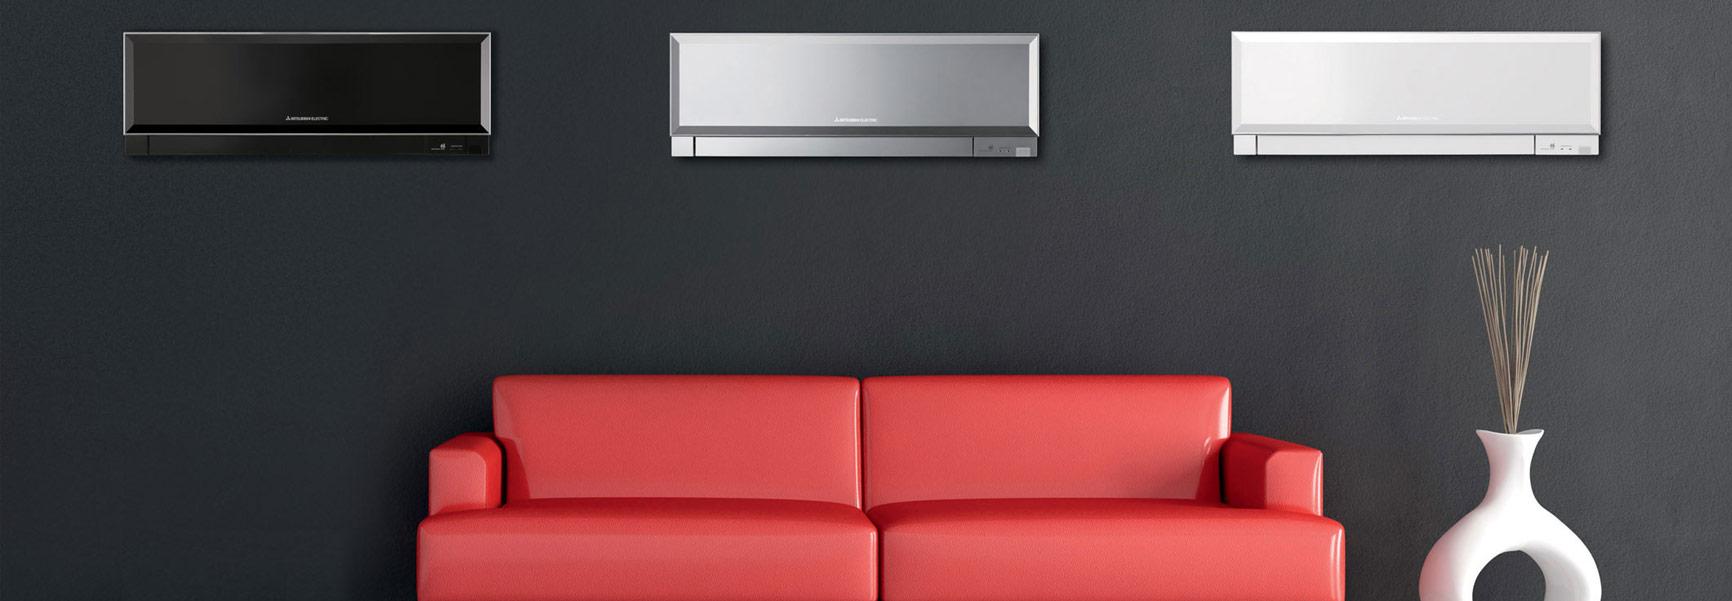 Frigogel 1 installazione e manutenzione condizionatori vicenza - Condizionatori di design ...